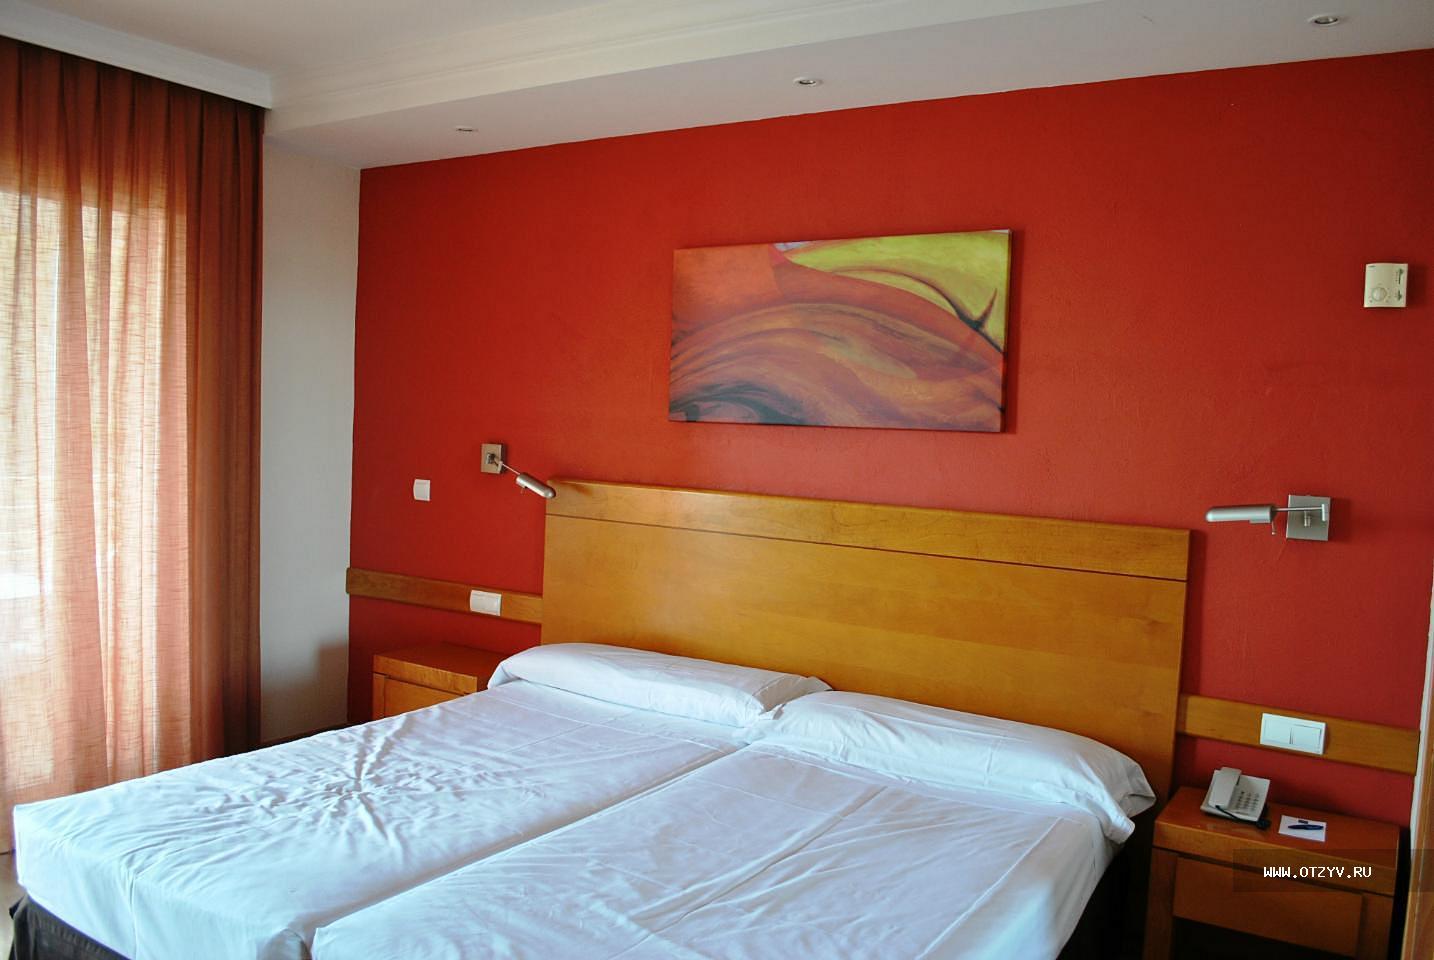 Отель maya аликанте отзывы врачей